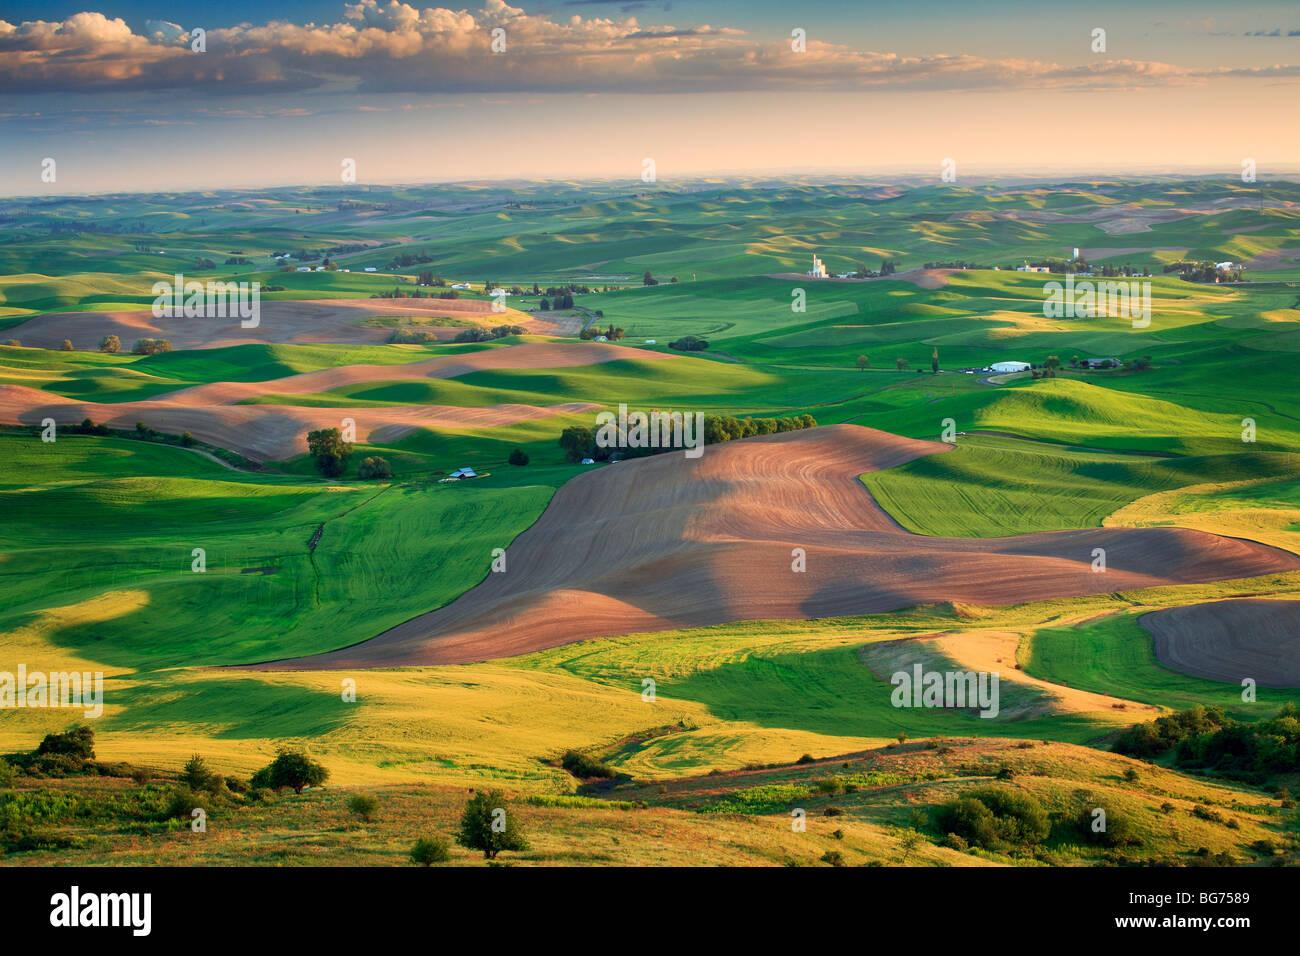 Les champs agricoles entourant Steptoe Butte dans l'est de la zone Palousienne Washington Photo Stock